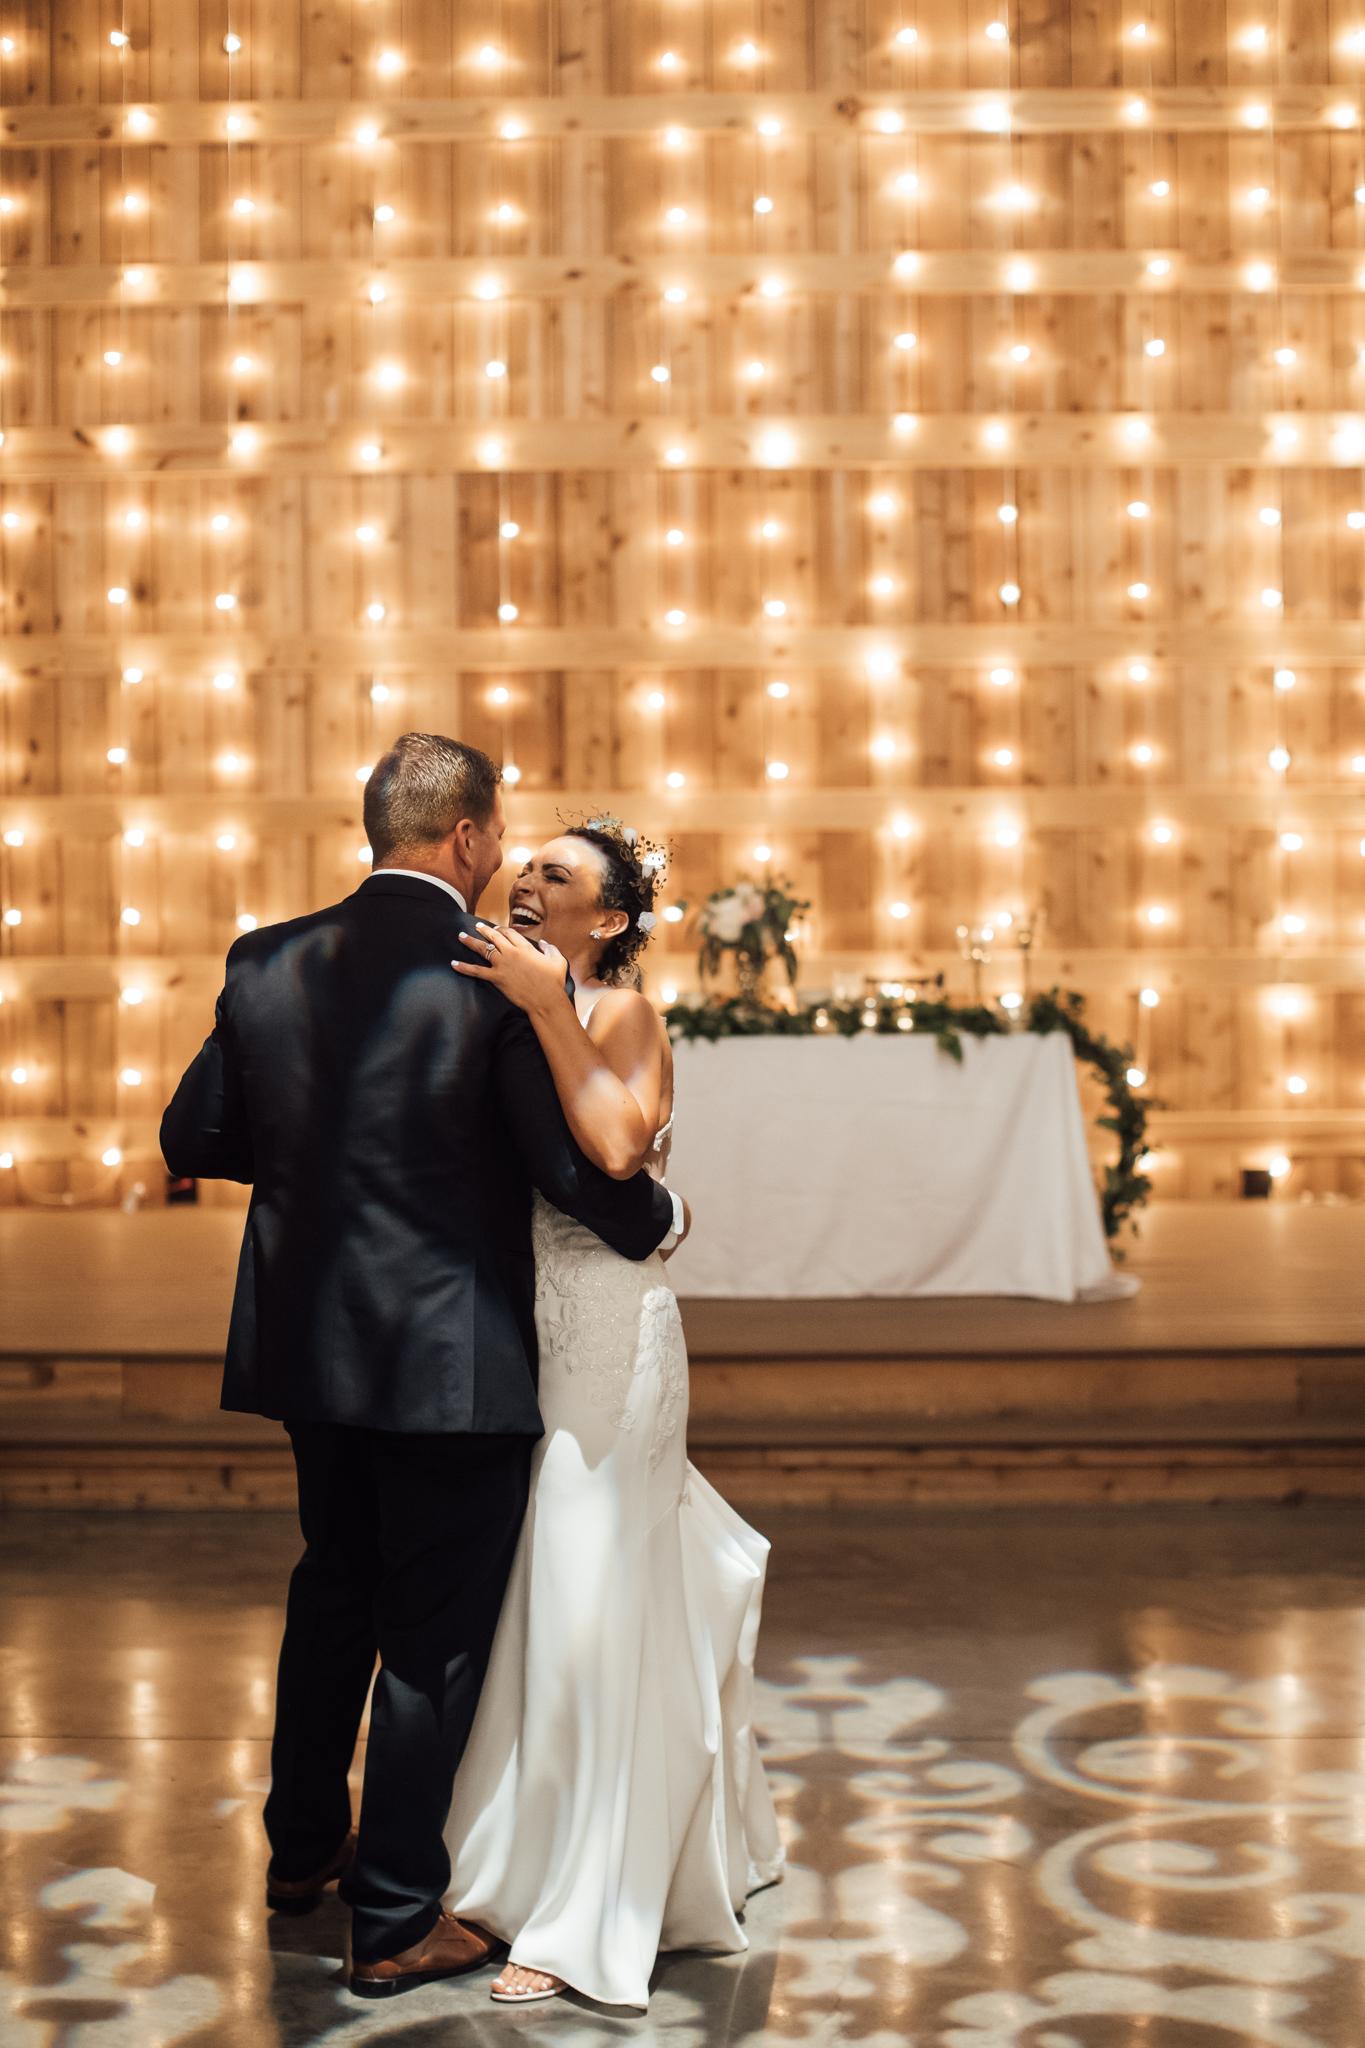 saddlewoodsfarms-nashville-wedding-photographer-thewarmtharoundyou-rustic-wedding (55 of 251).jpg